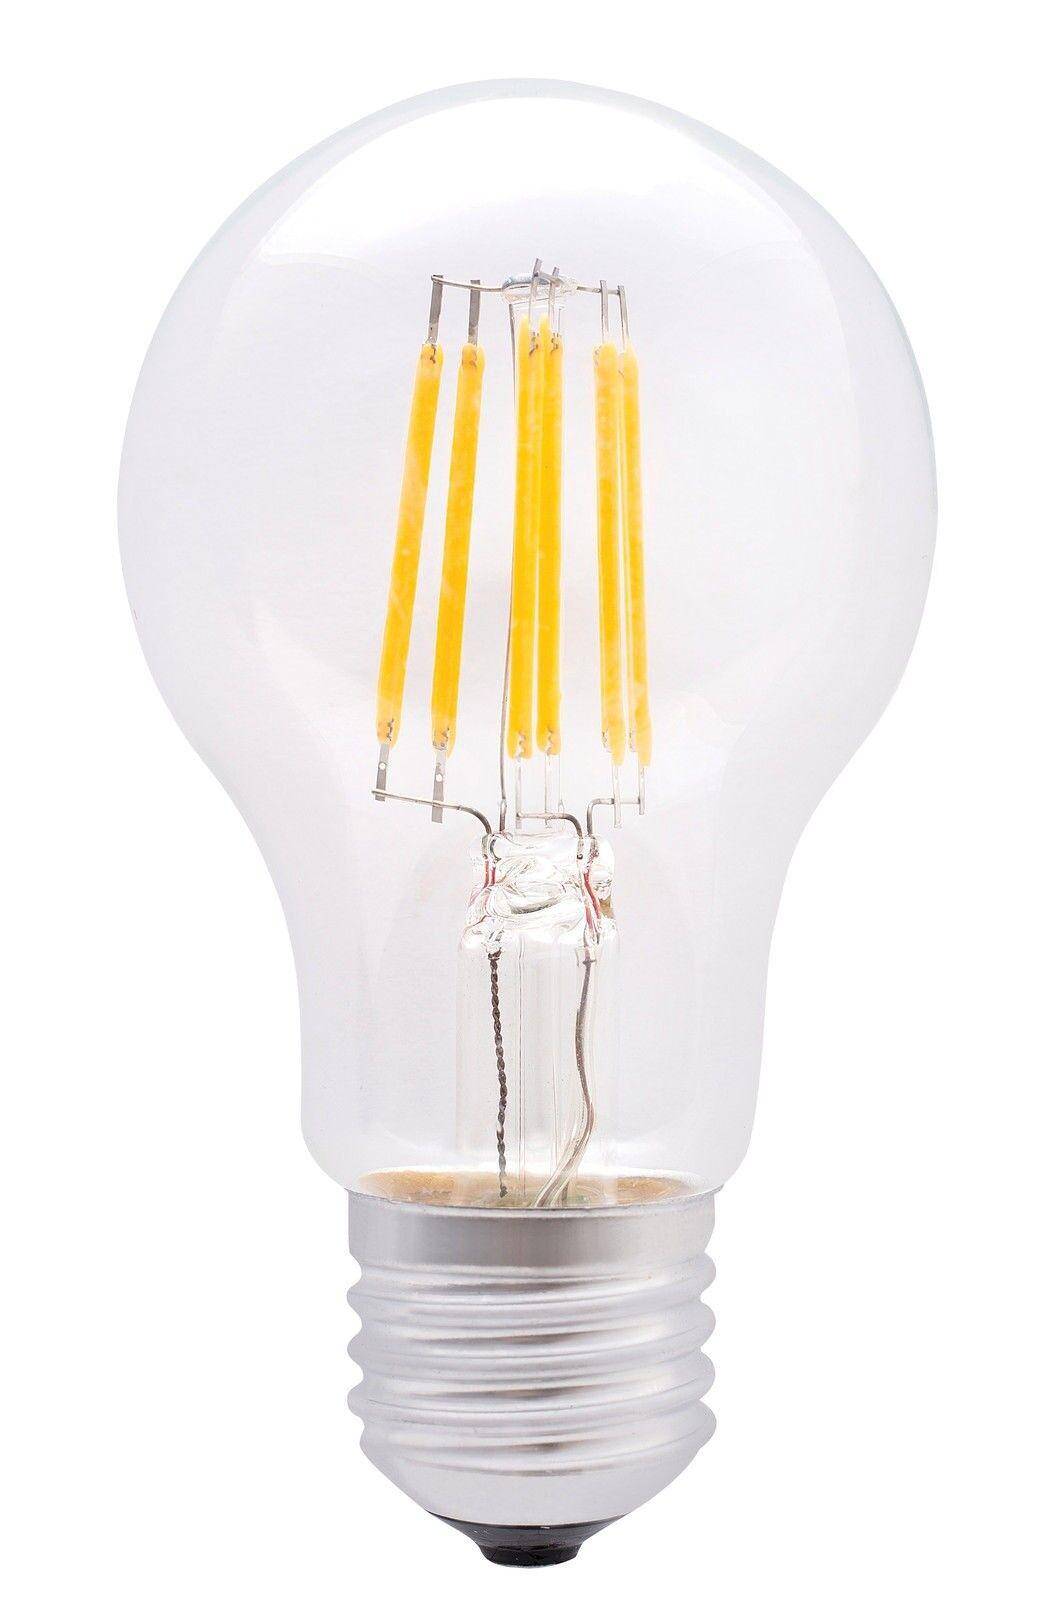 Led Glühbirne Standard Form GLS Filament Lampe 6W Schraube Fassung A+ Energie